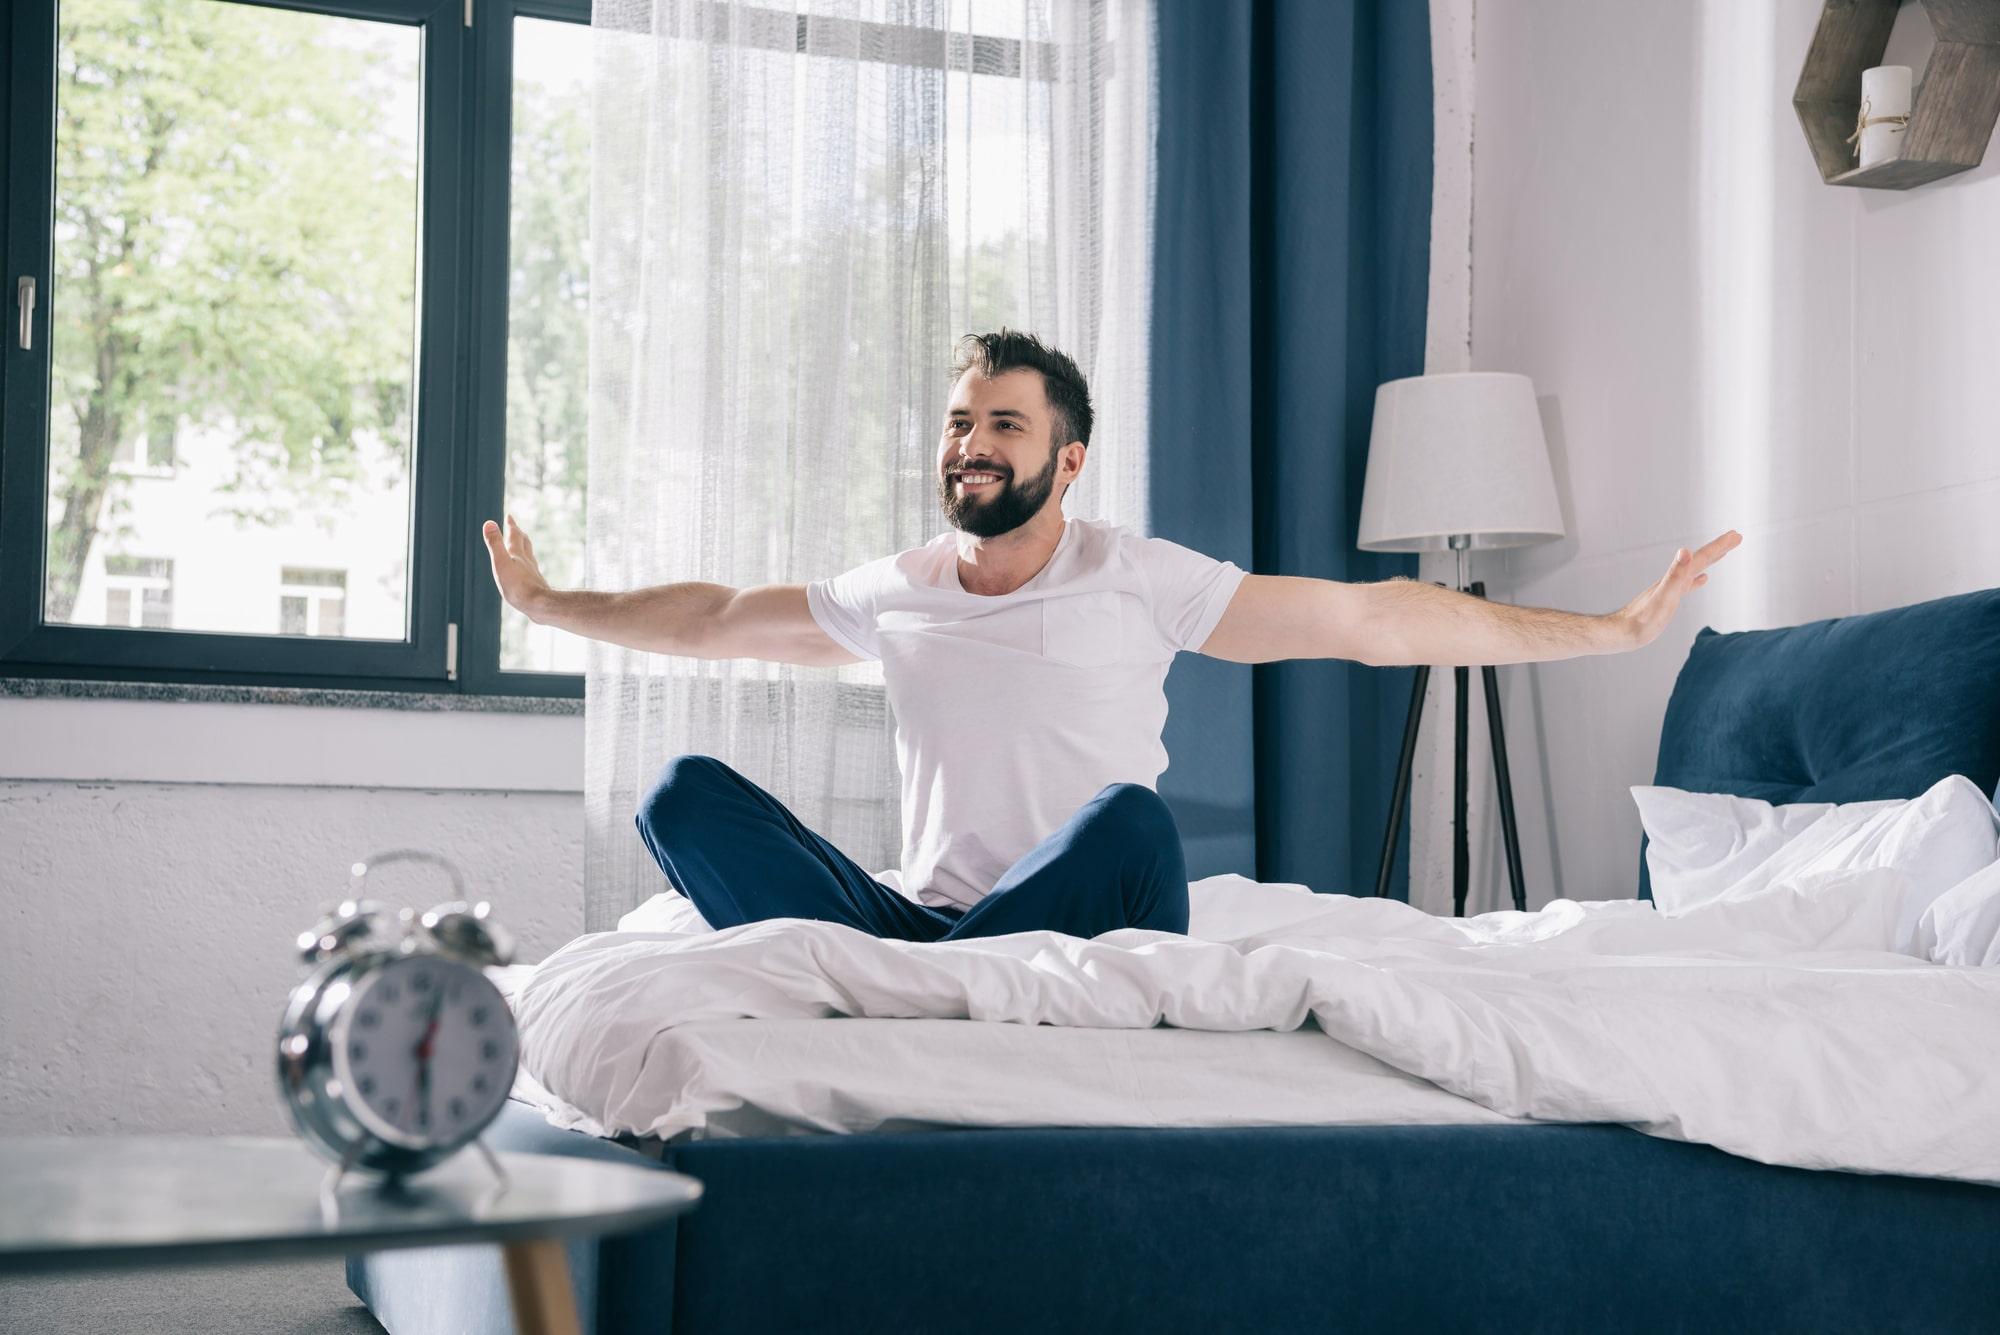 hogyan lehet fokozni a reggeli erekciót